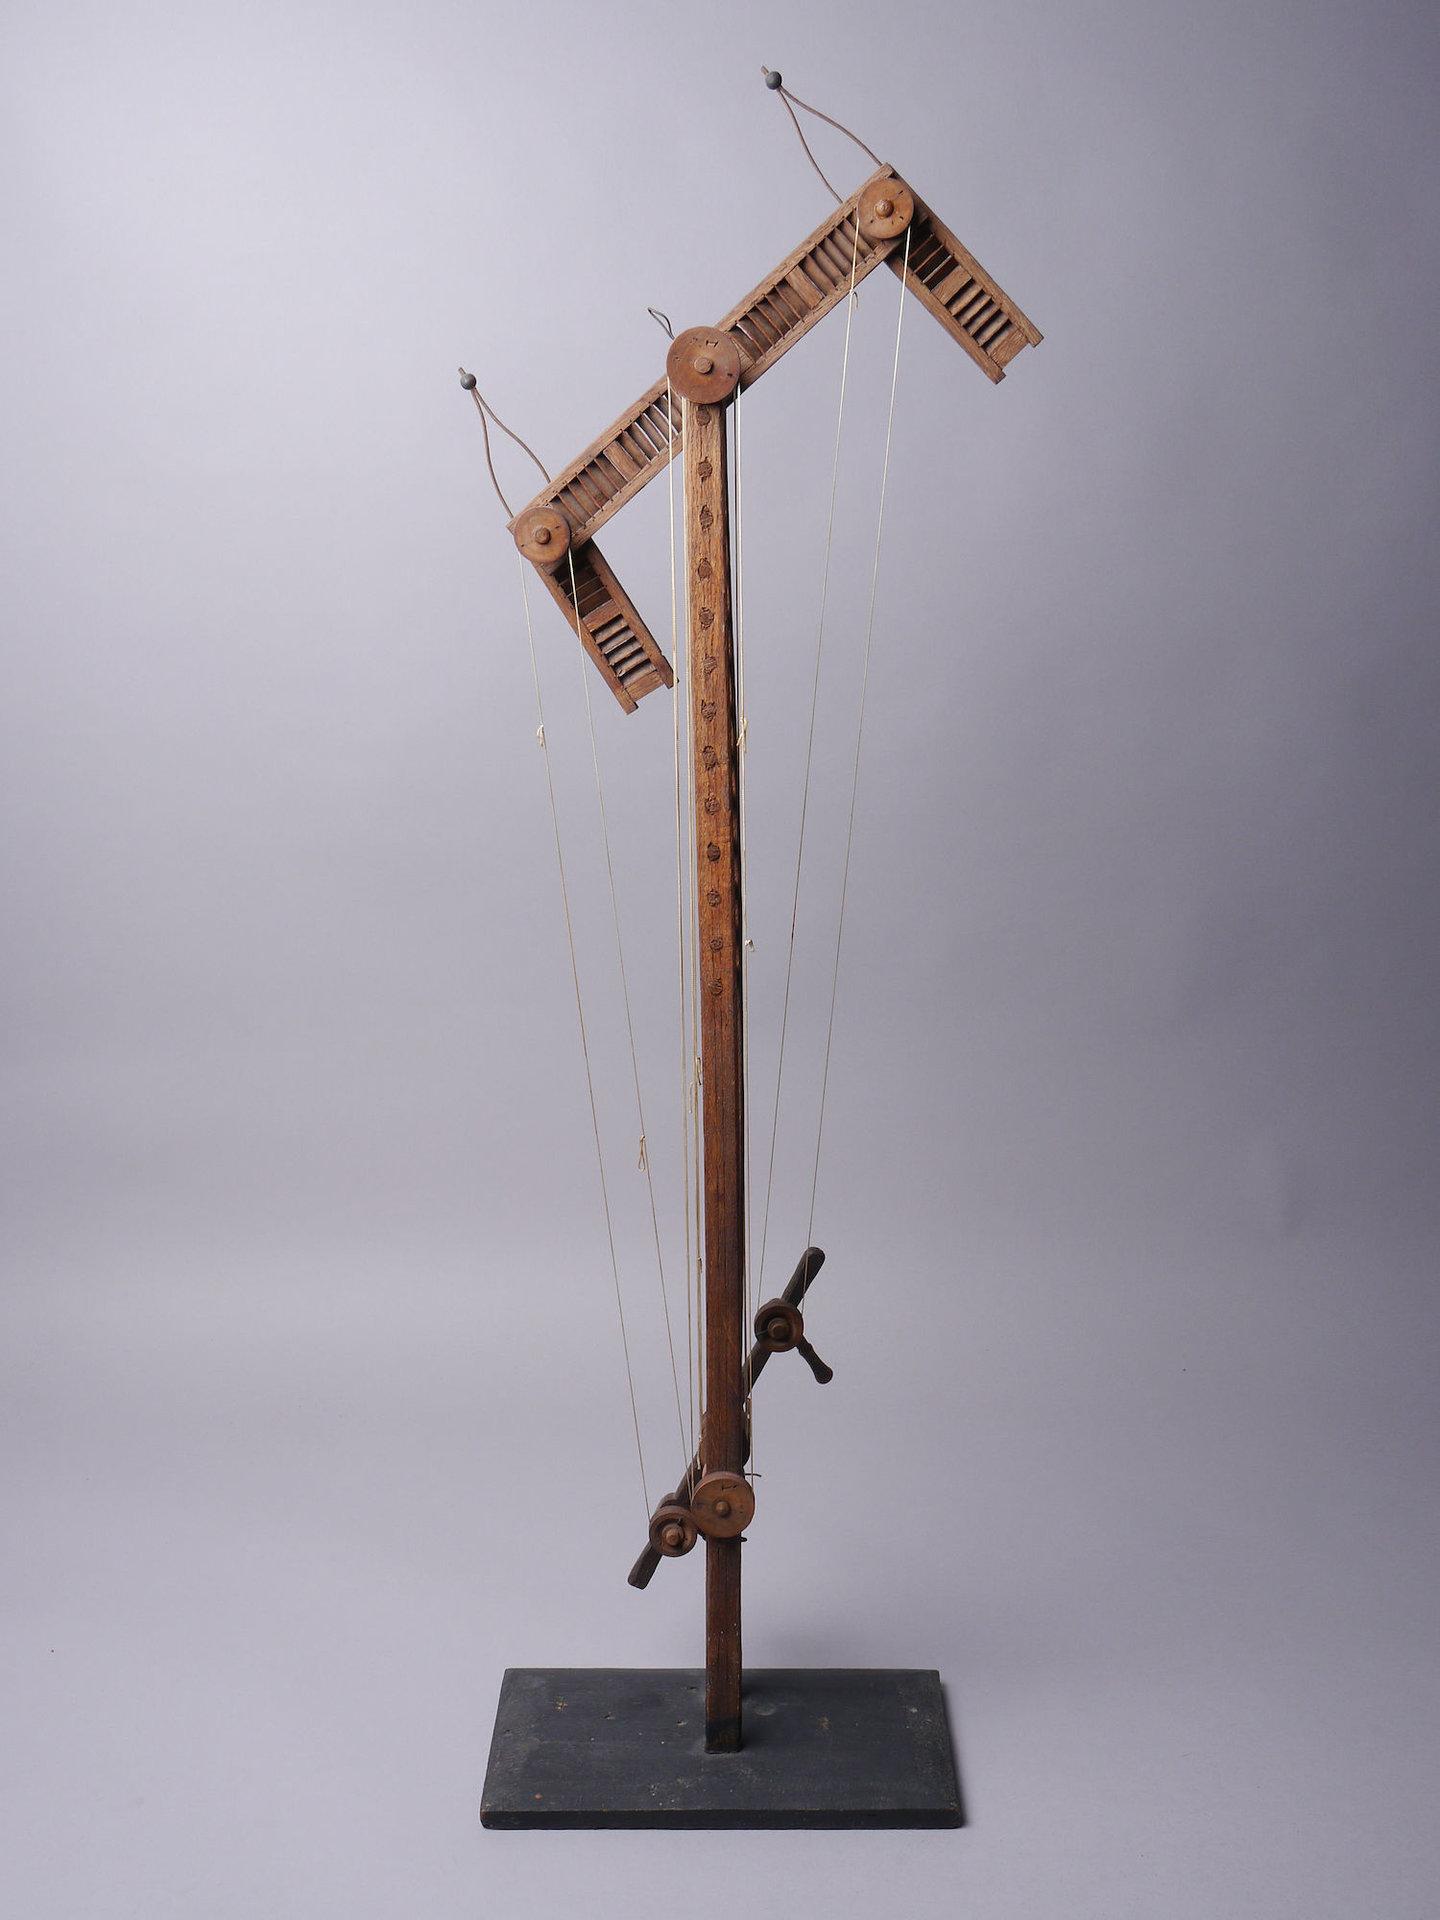 Schaalmodel van de semafoor of optische telegraaf van Claude Chappe